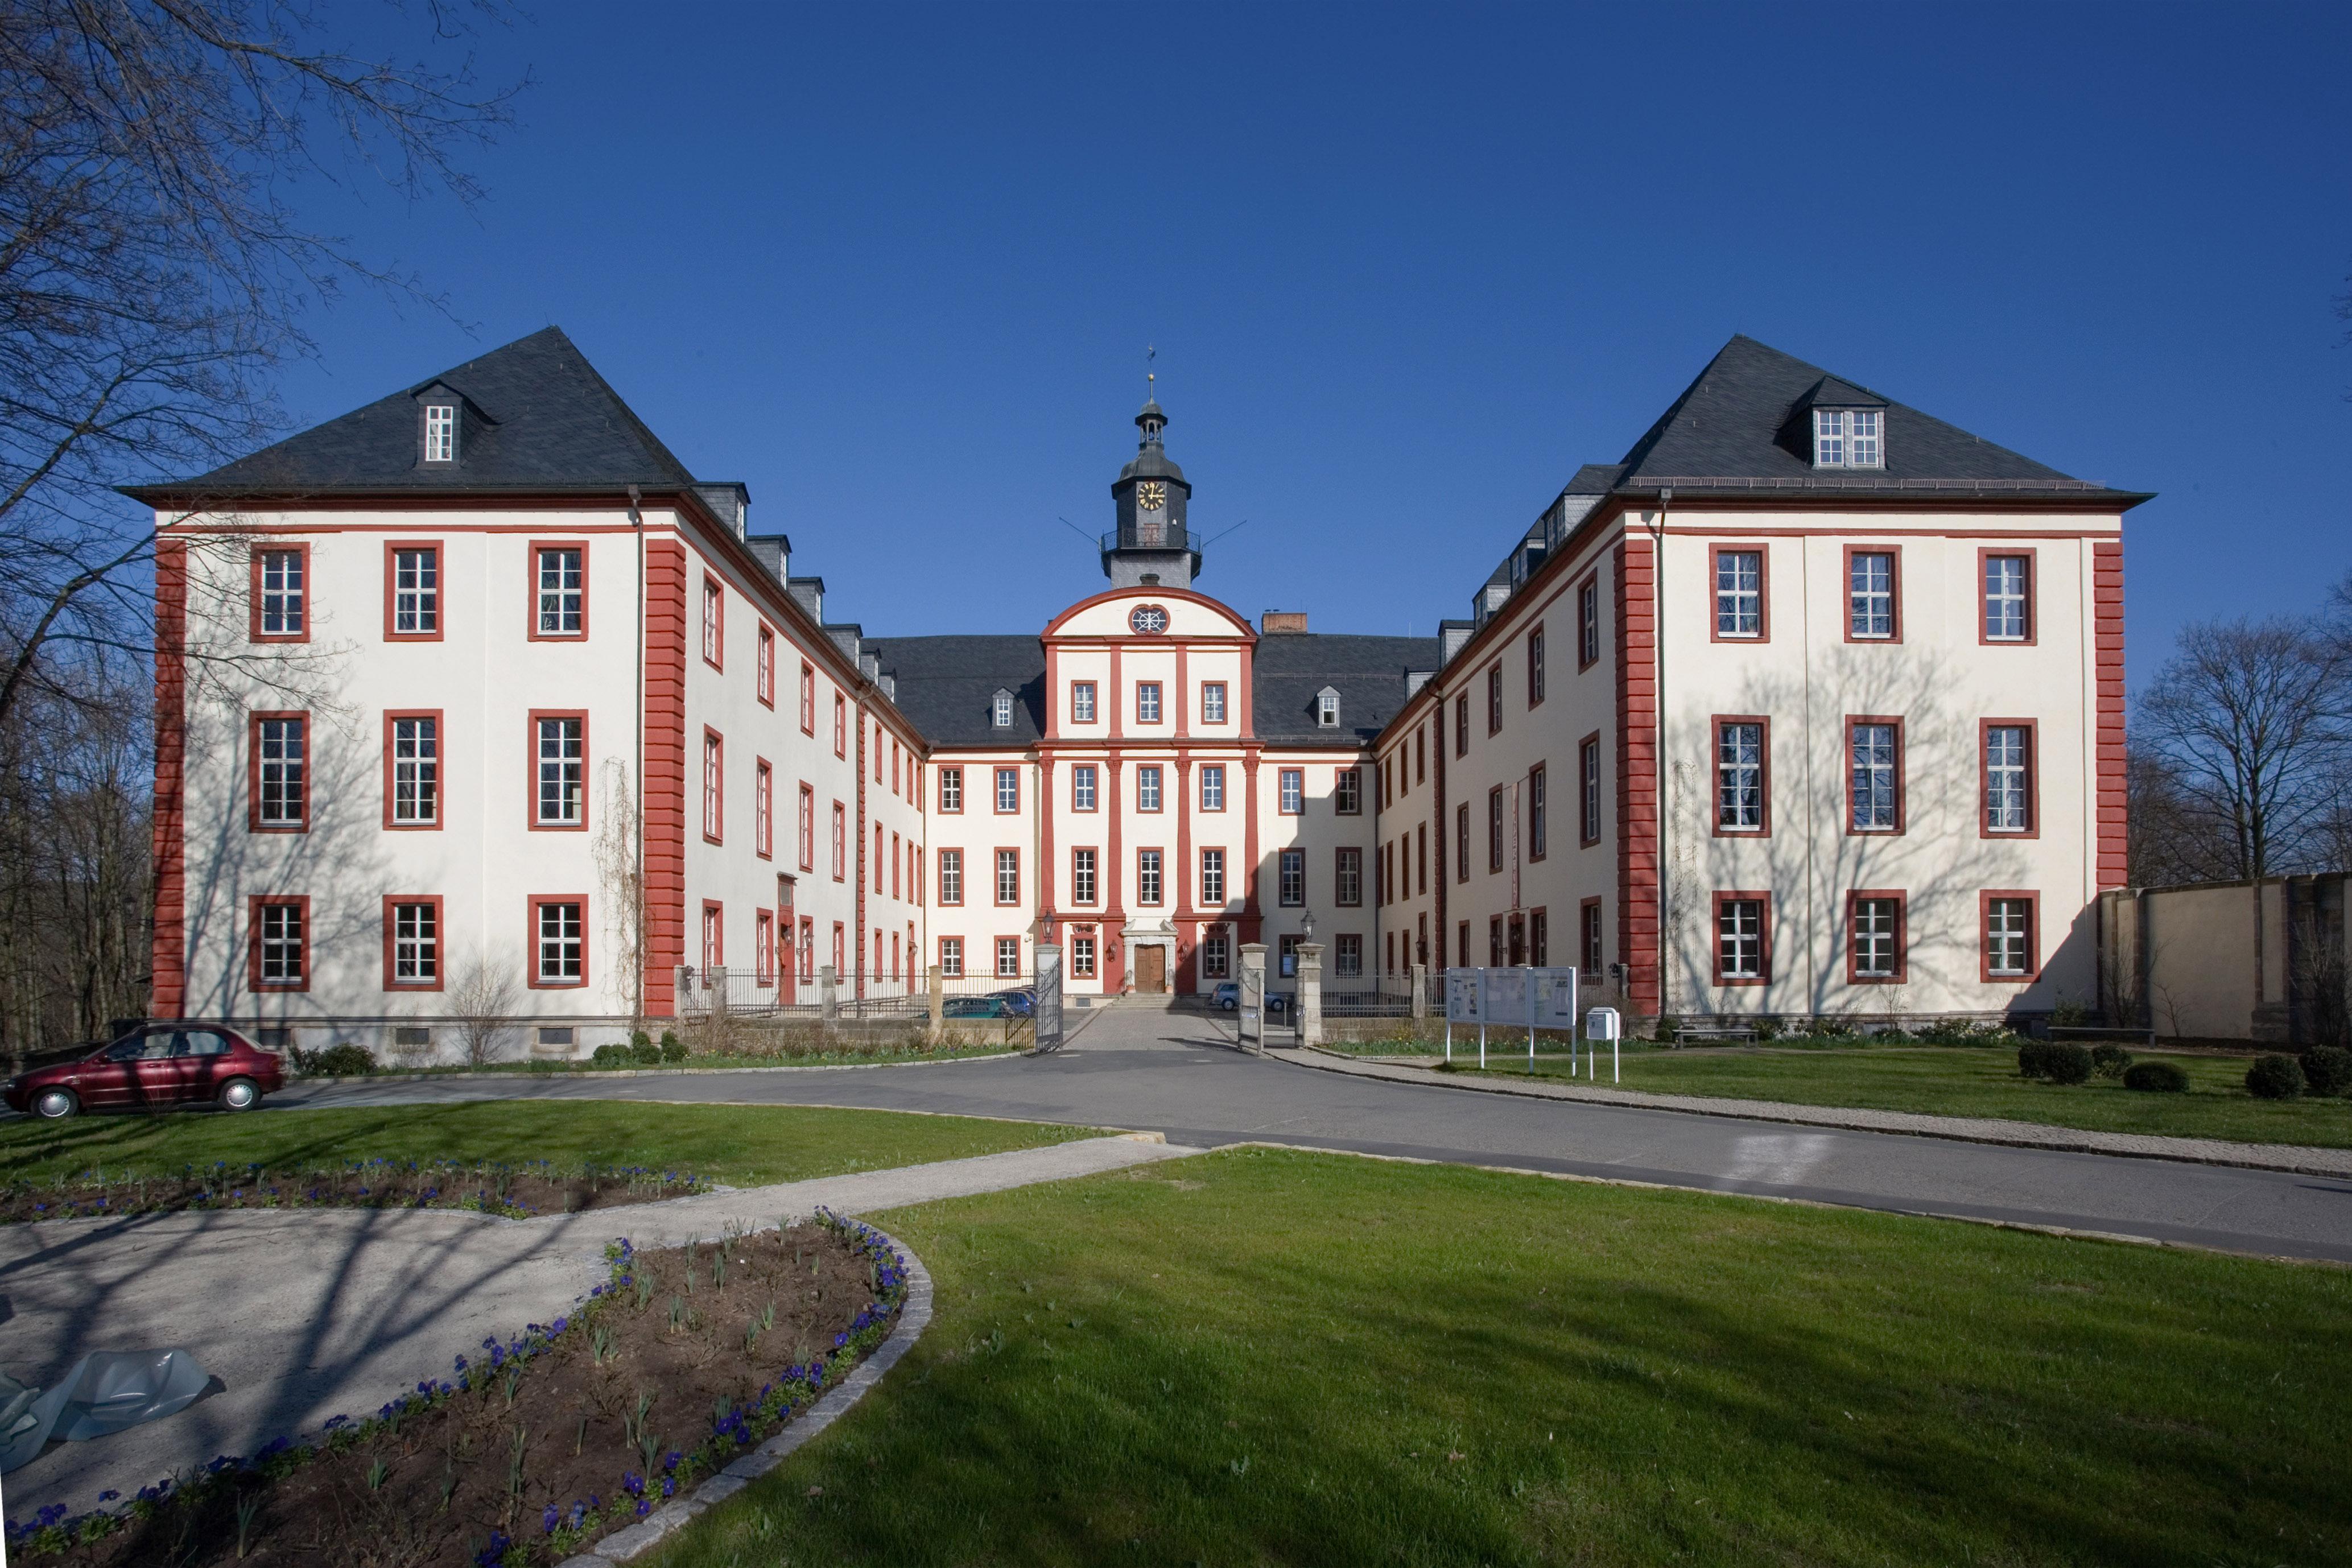 u-förmiges Schlossgebäude von vorn, Mittelteil mit Eingang, Turm und Turmuhr